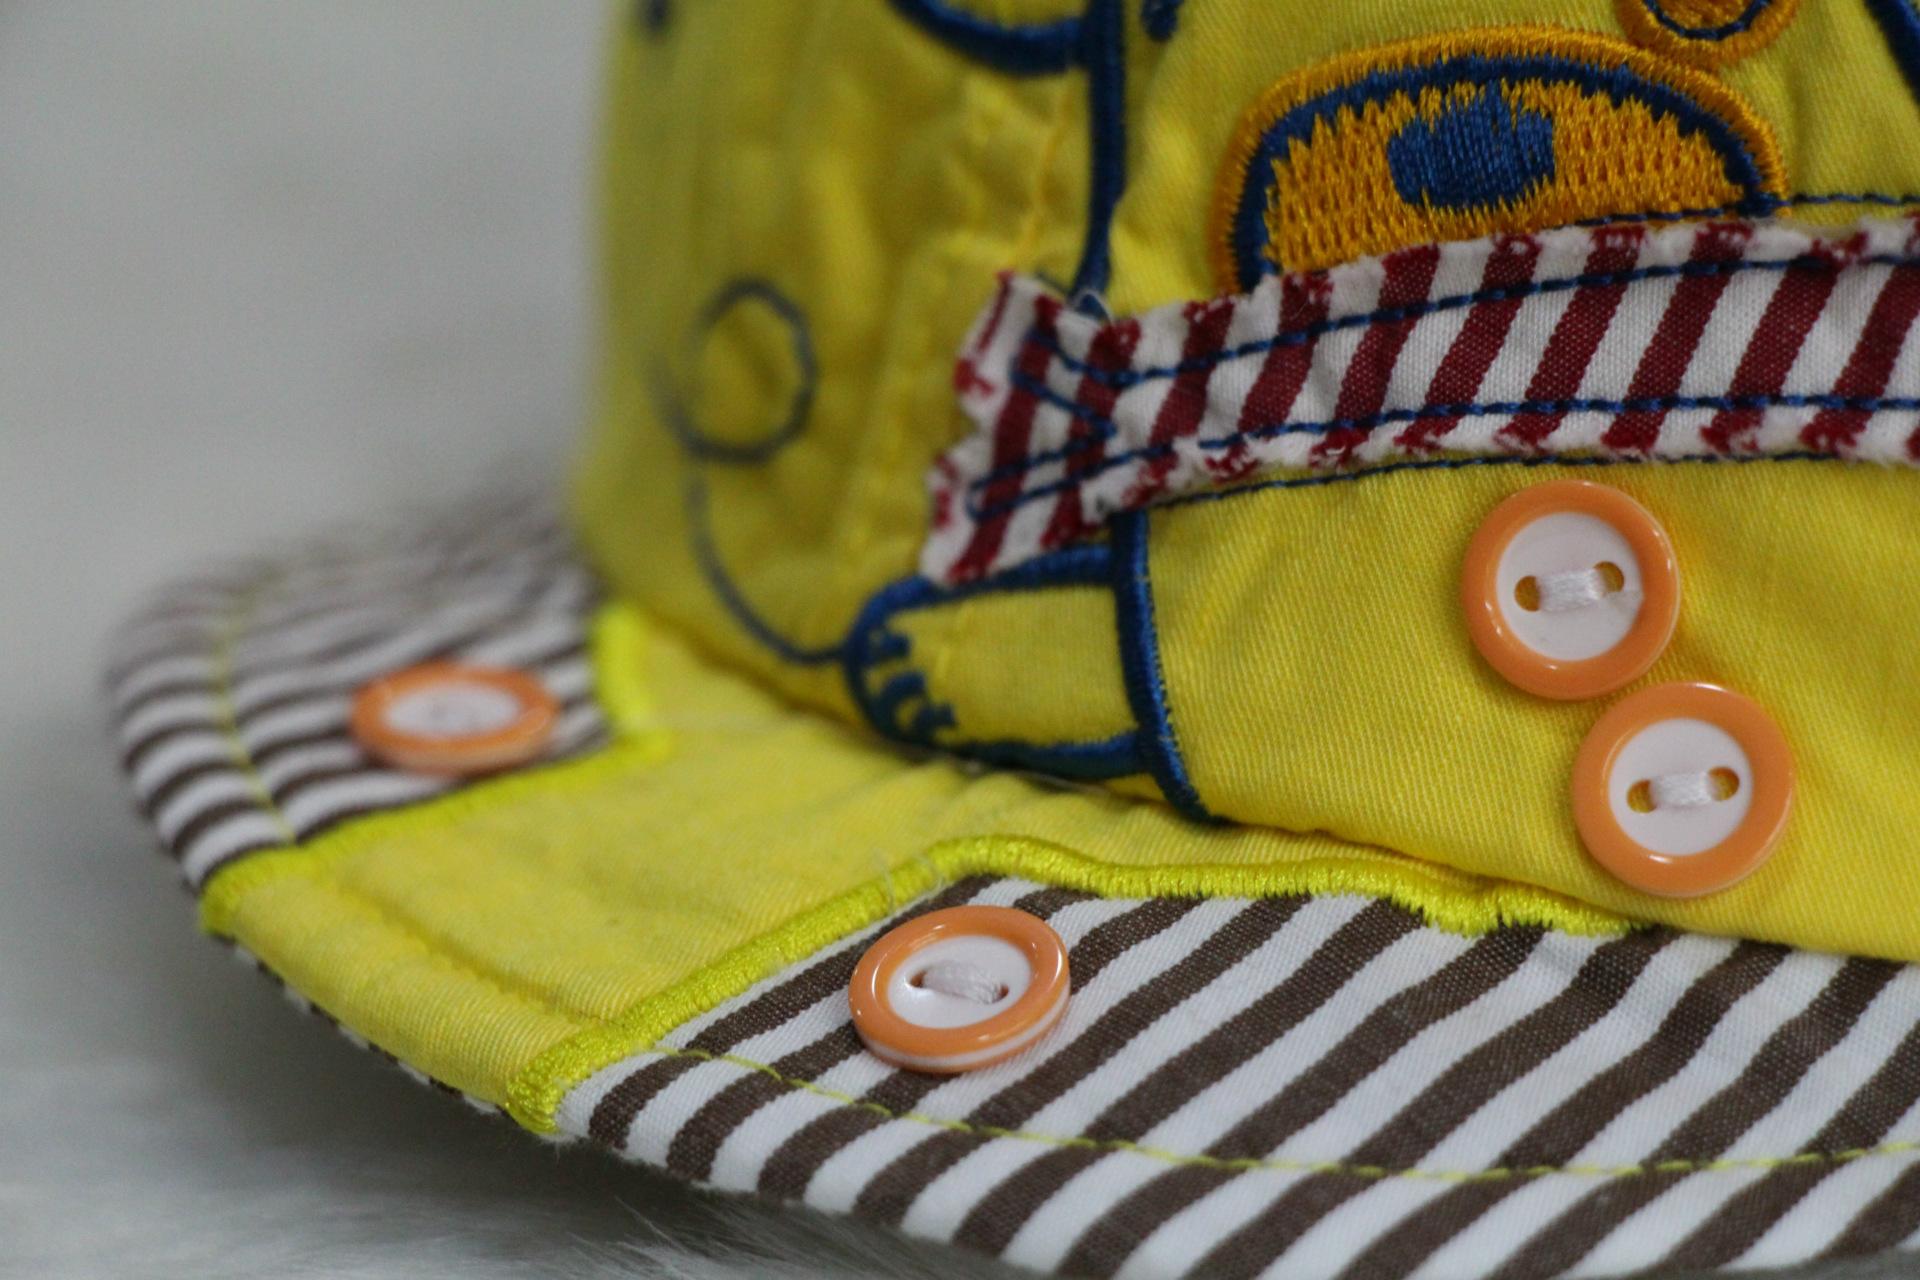 14新款嘟嘟啦小熊放风筝带舌帽 -价格,厂家,图片,帽子,李军图片